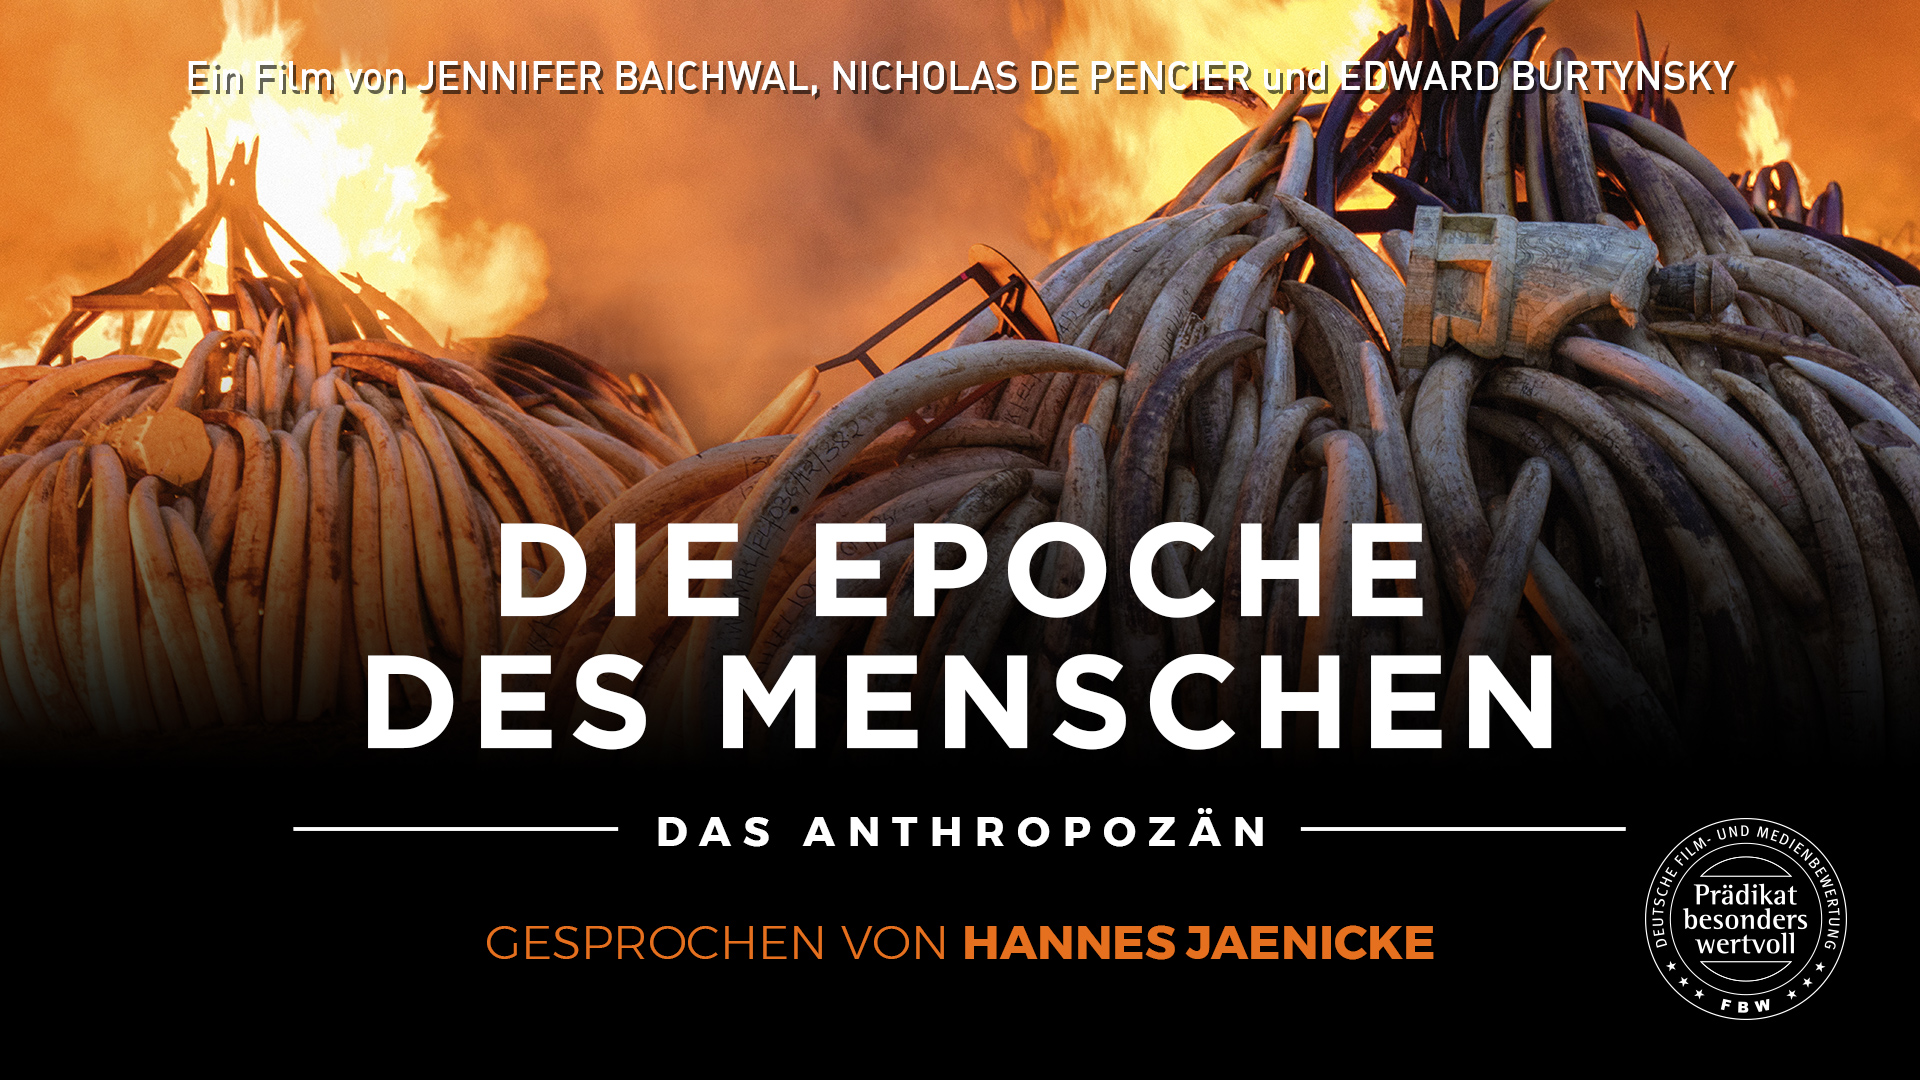 Die Epoche des Menschen - Das Anthropozän